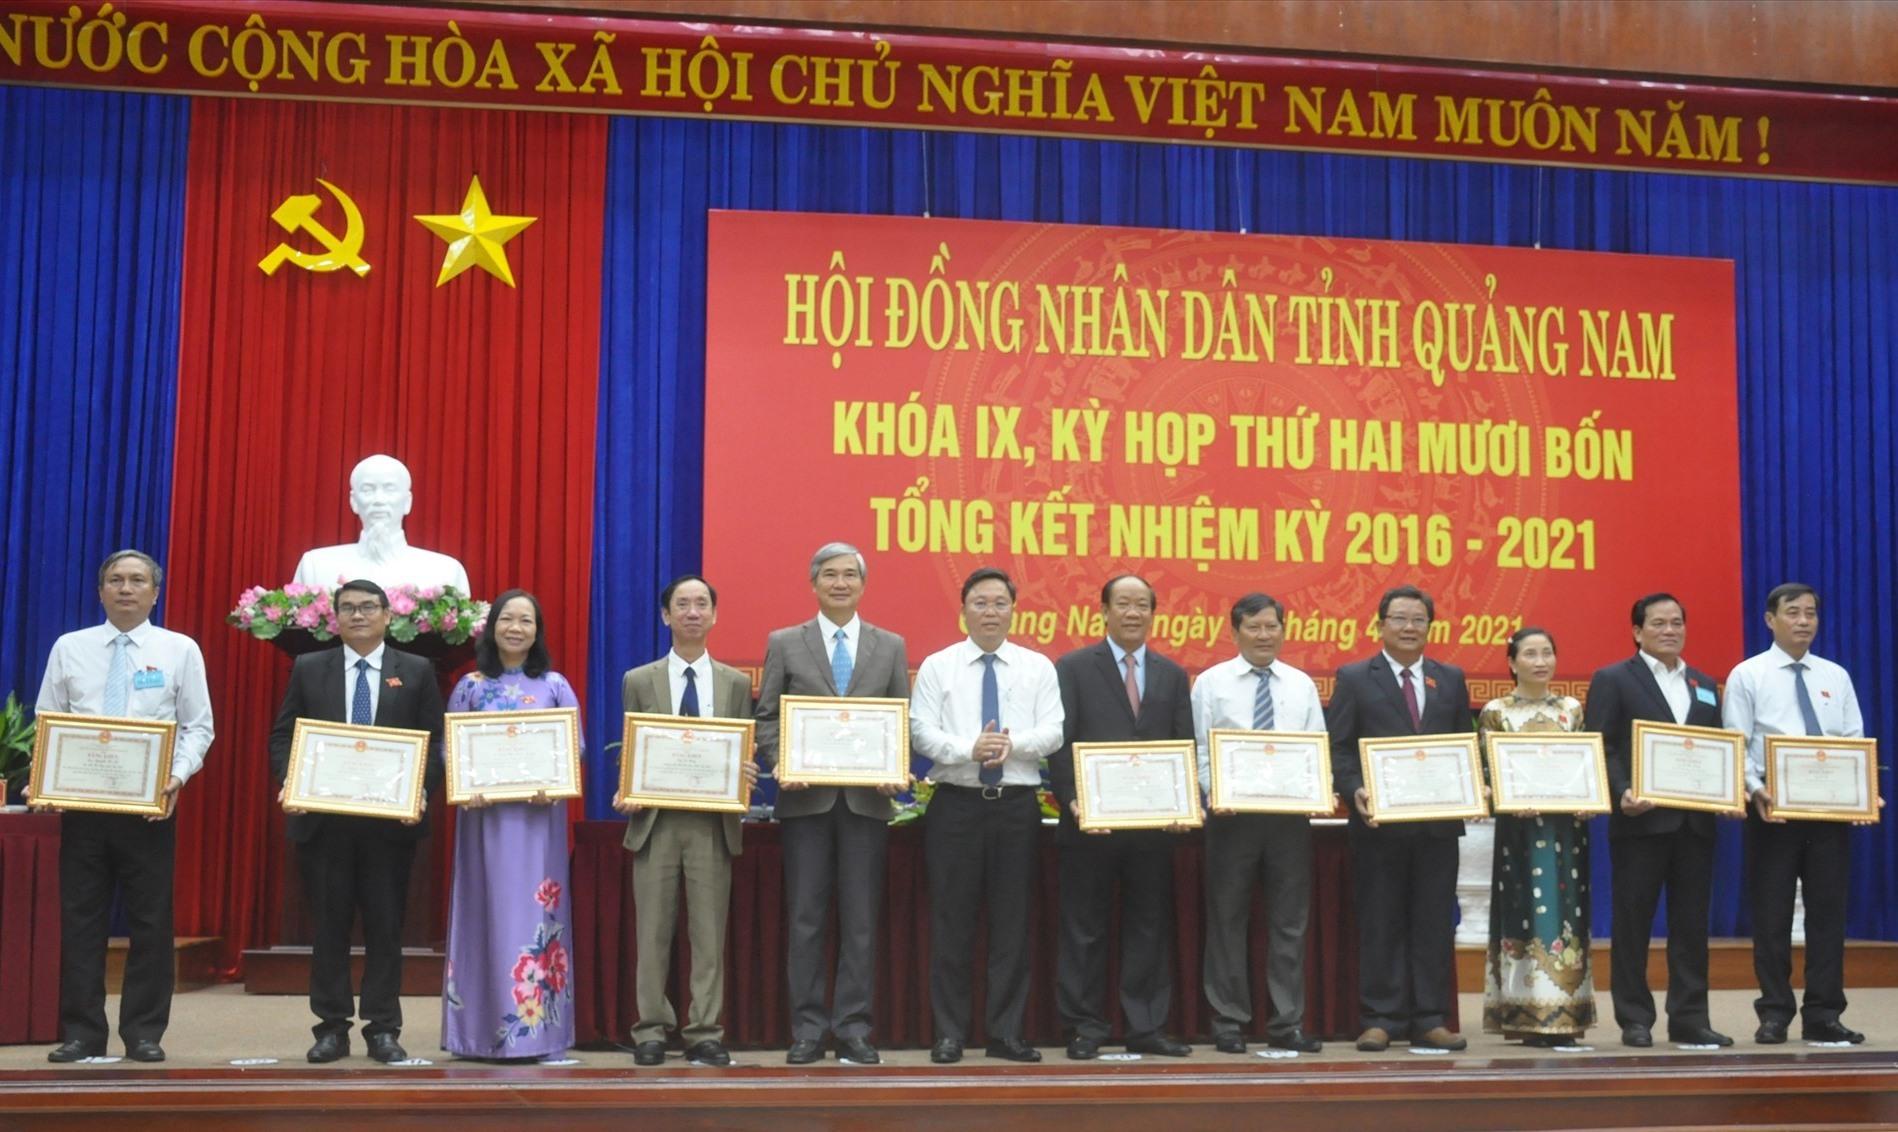 Chủ tịch UBND tỉnh Lê Trí Thanh tặng Bằng khen các đại biểu HĐND tỉnh khóa IX có thành xuất sắc đóng góp vào sự phát triển chung của tỉnh nhiệm kỳ 2016-2021. Ảnh: N.Đ